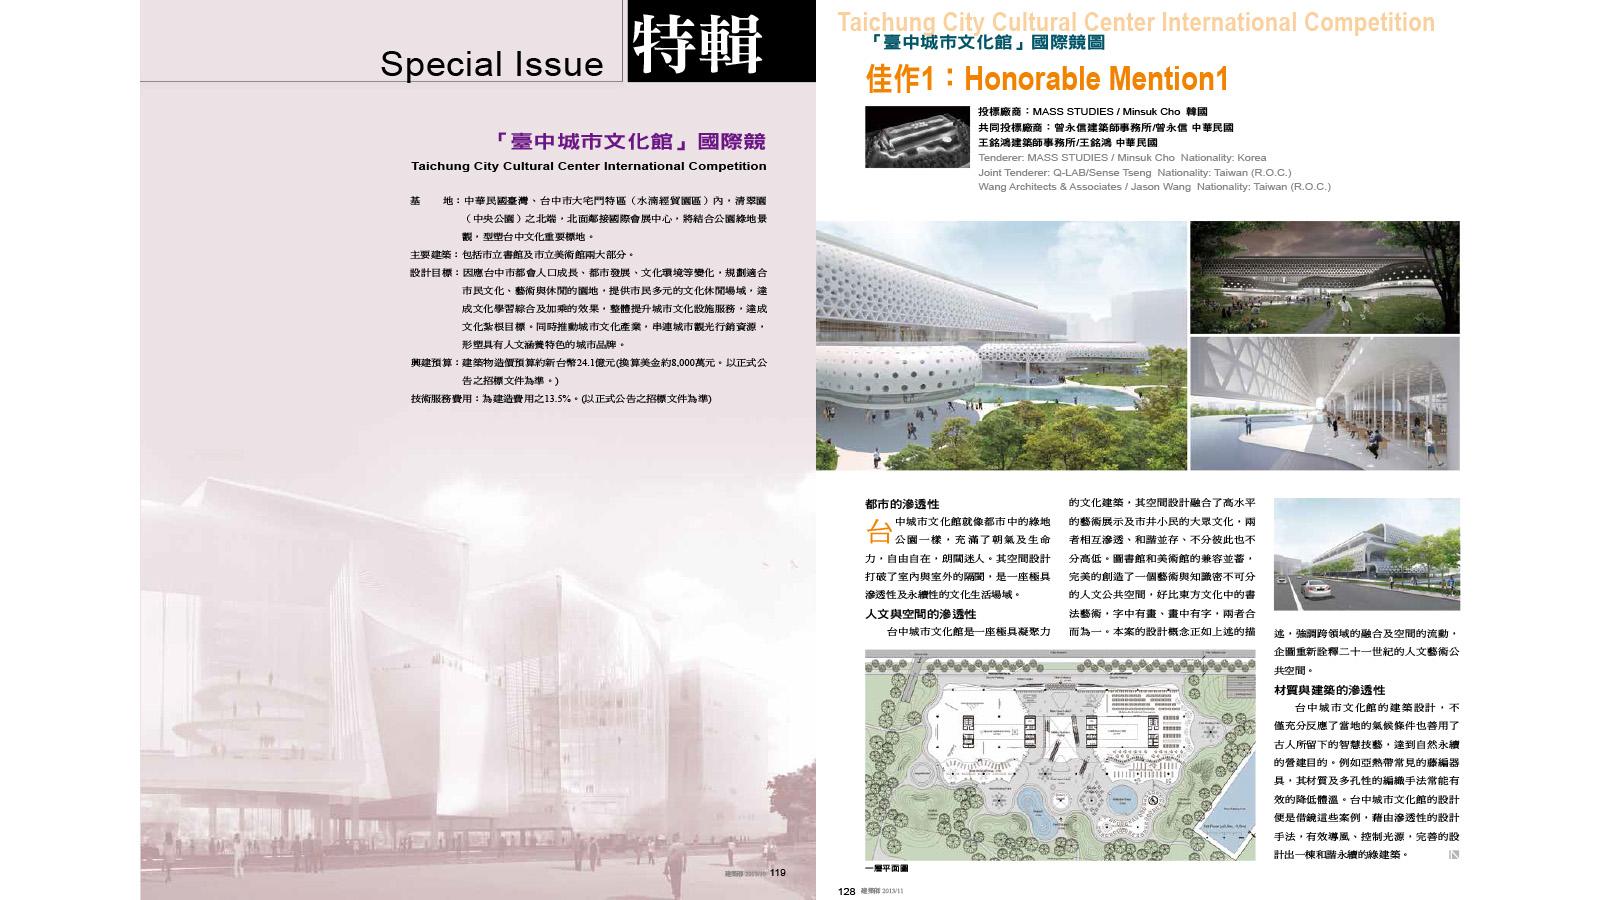 2013-11-建築師雜誌-02.jpg